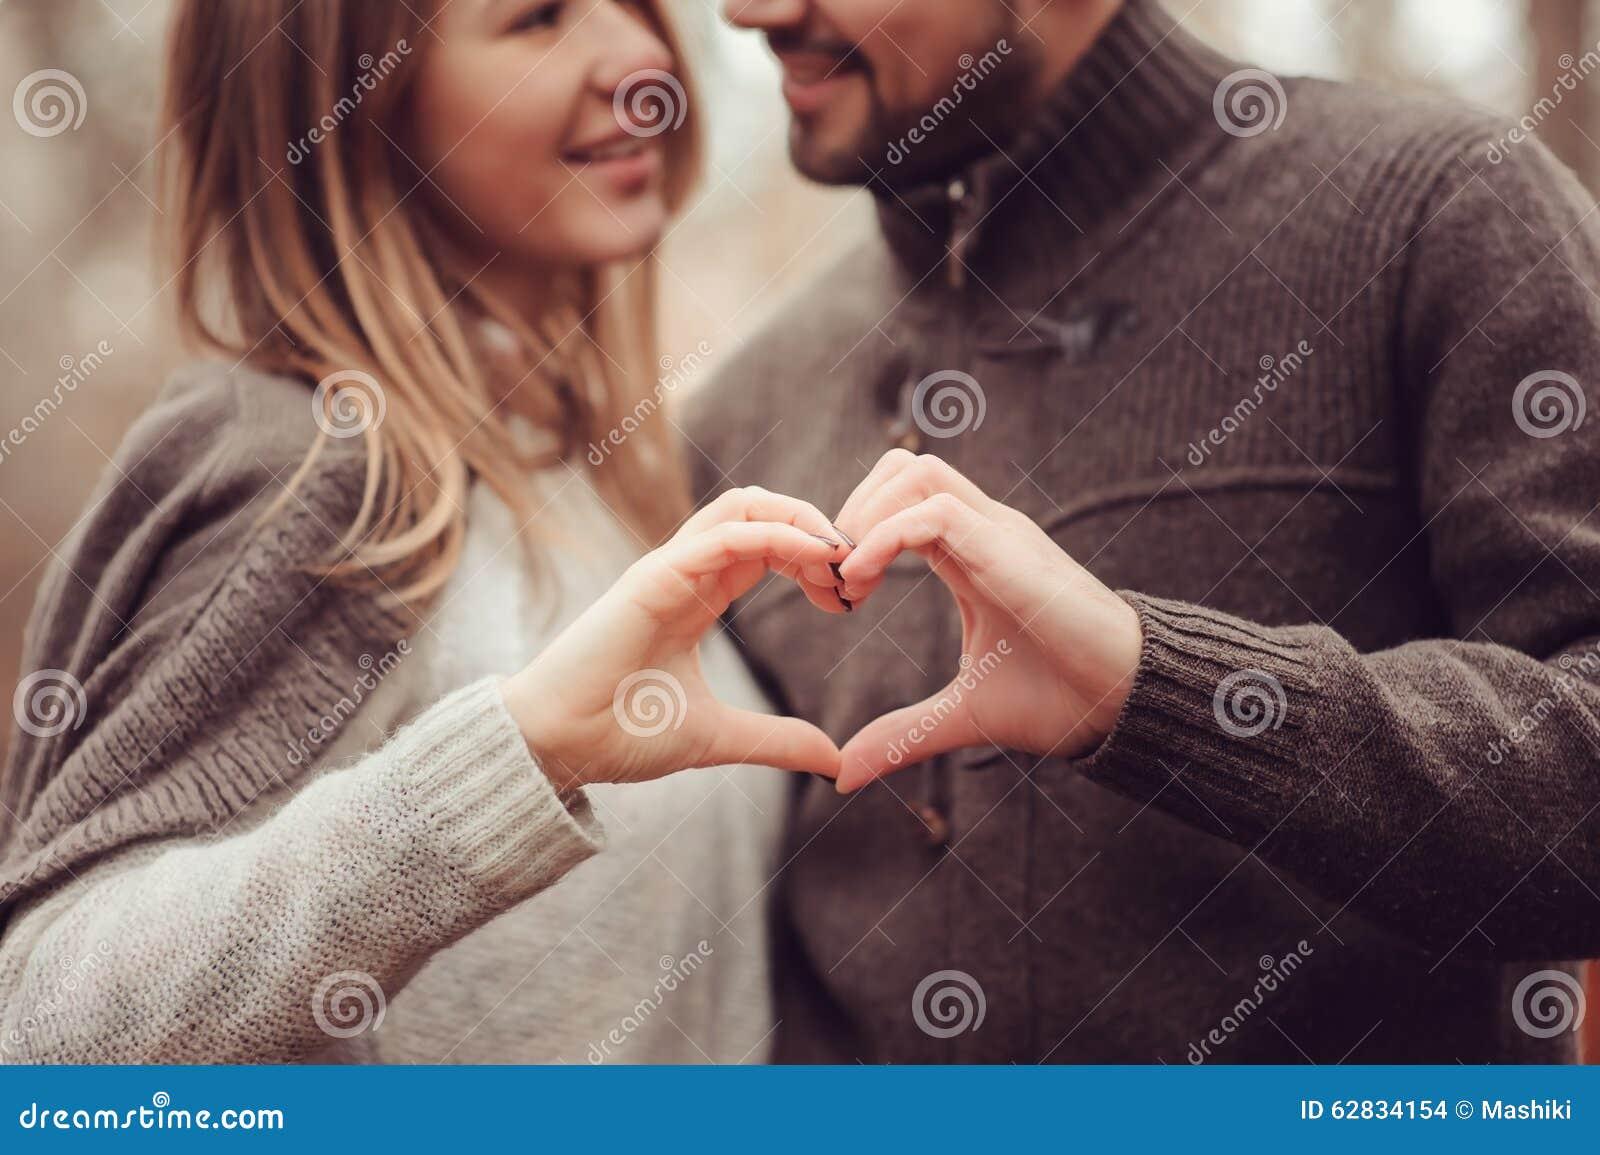 skog dating matchmaking Pakistan